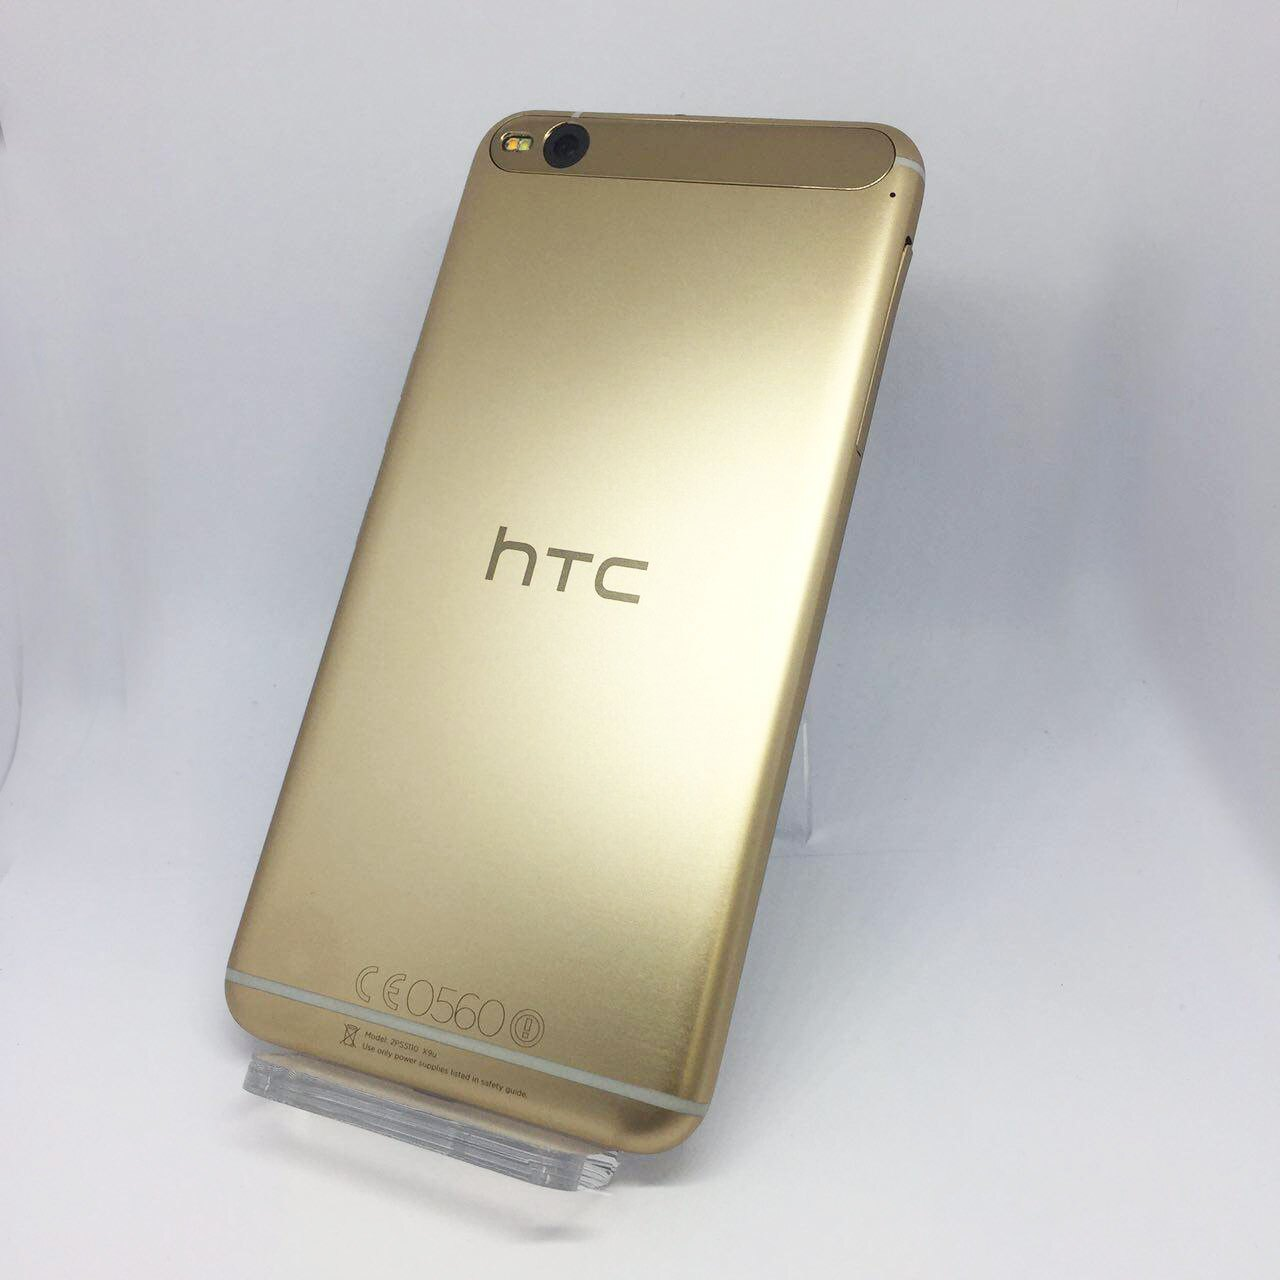 【創宇通訊】HTC ONE X9(X9u) 32G 金色【福利機】